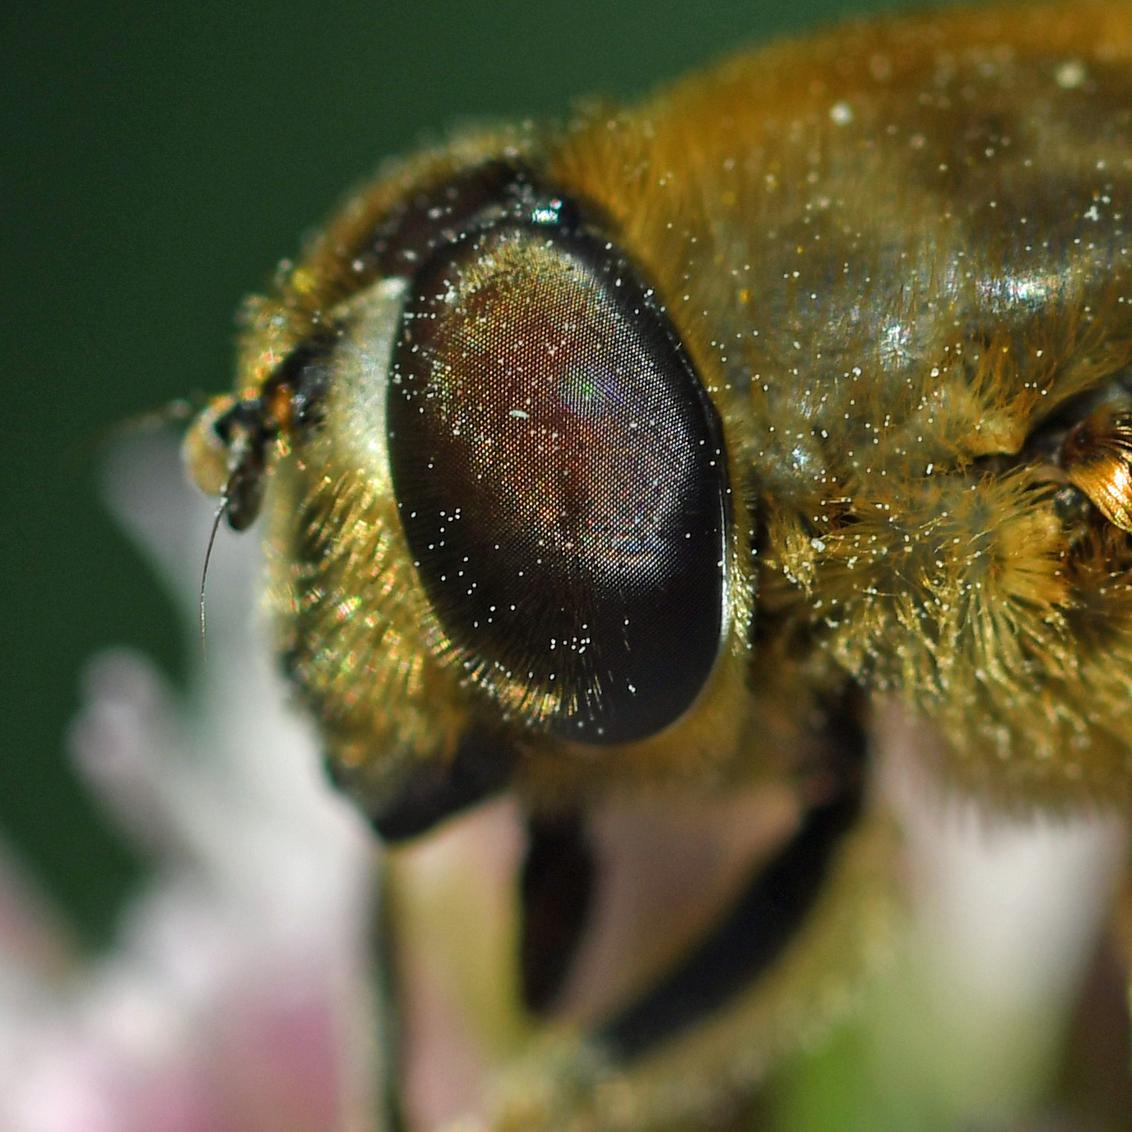 hoezo blind - Een blinde bij lijkt op een bij, maar is een zweefvlieg. Op die manier profiteert de vlieg van de negatieve ervaringen van vogels met stekende bijen. - foto door BasvanHulst-Kuiper op 11-08-2019 - deze foto bevat: macro, natuur, zweefvlieg, insect, natuurfotografie, macrofotografie, blinde bij, close up, Eristalis tenax, bas van hulst-kuiper, basvanhulst-kuiper